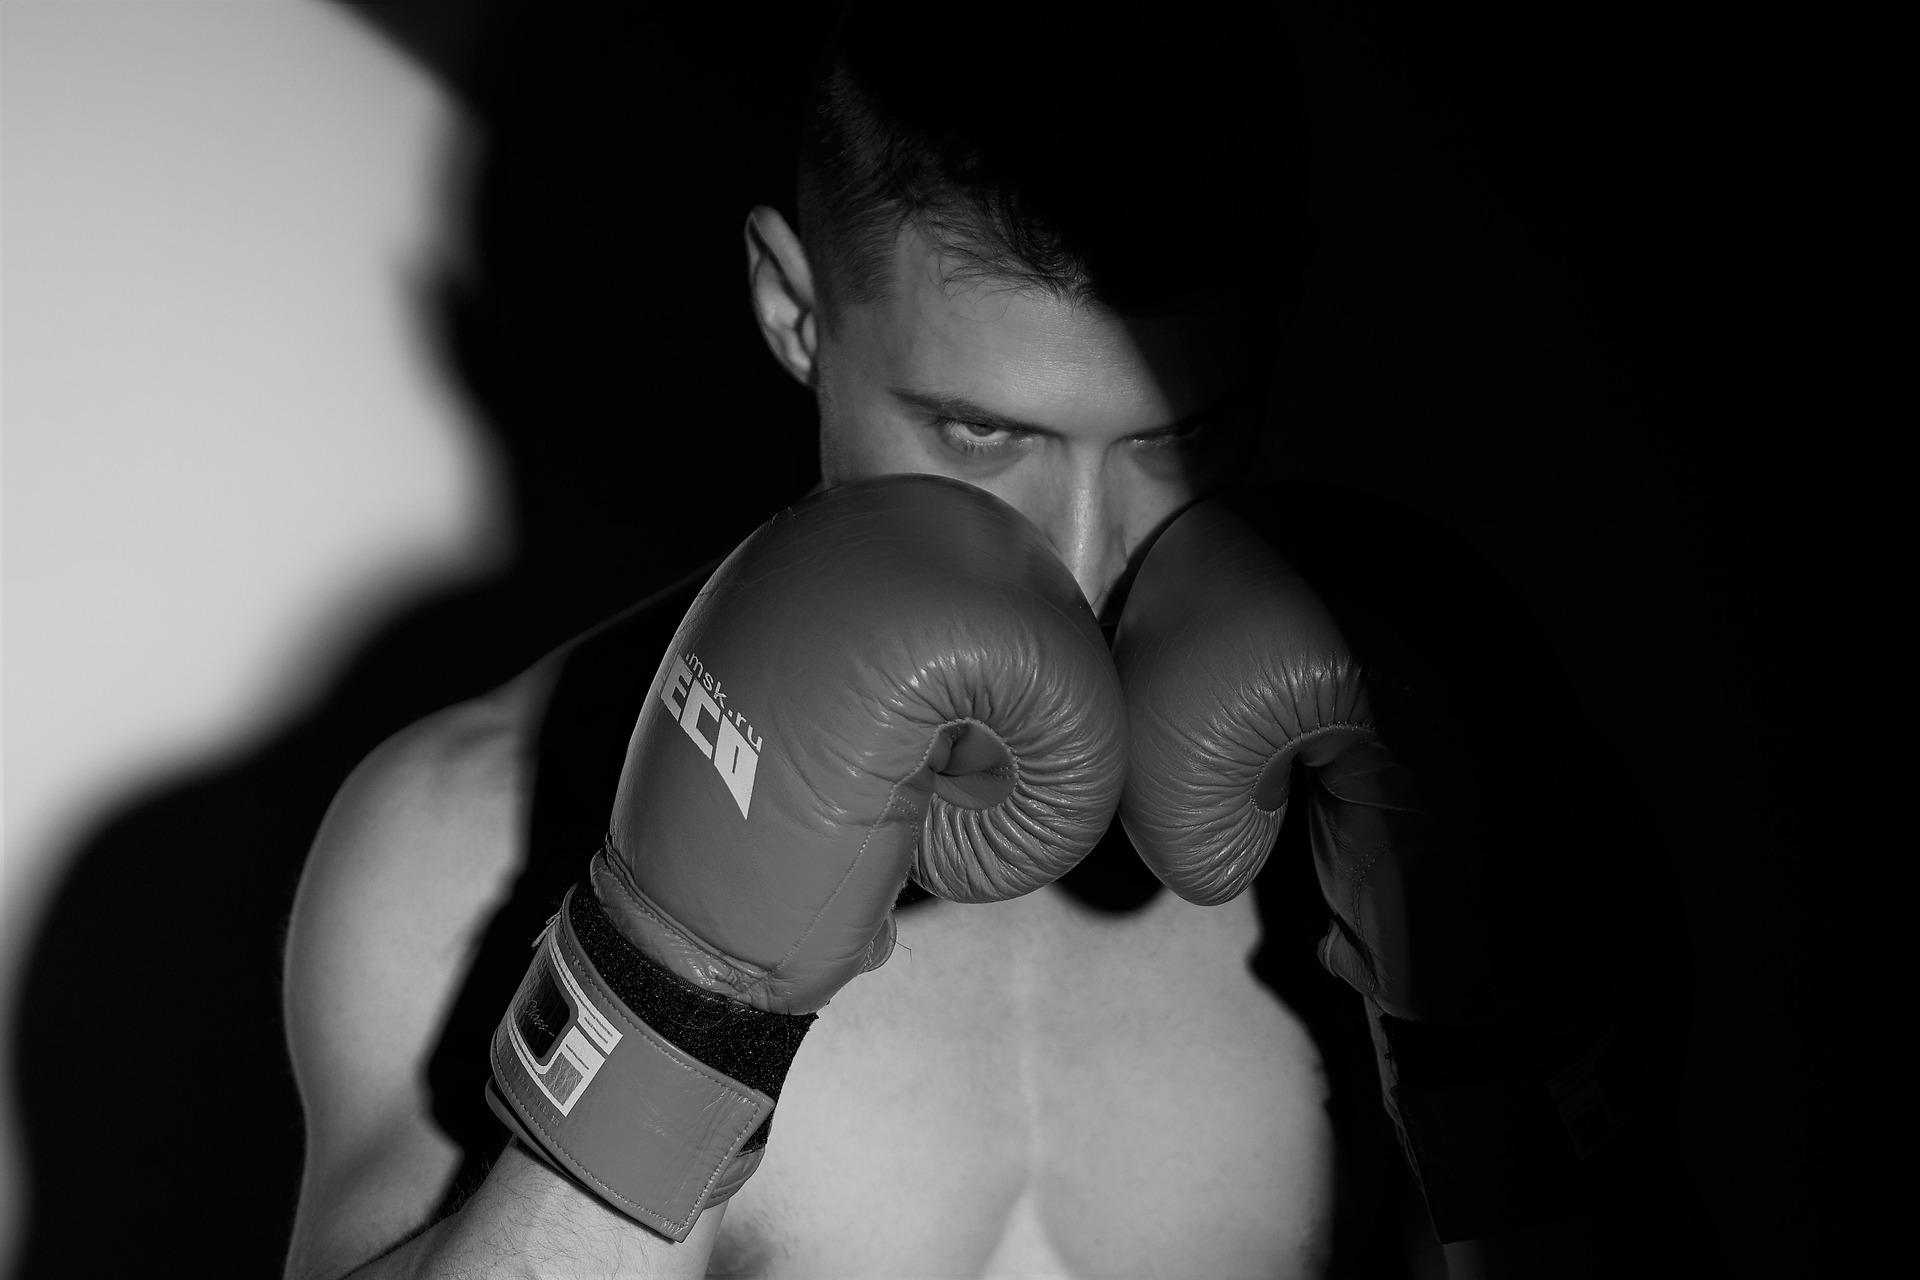 warsztaty wykorzystujące elementy boksu i coachingu sportowego